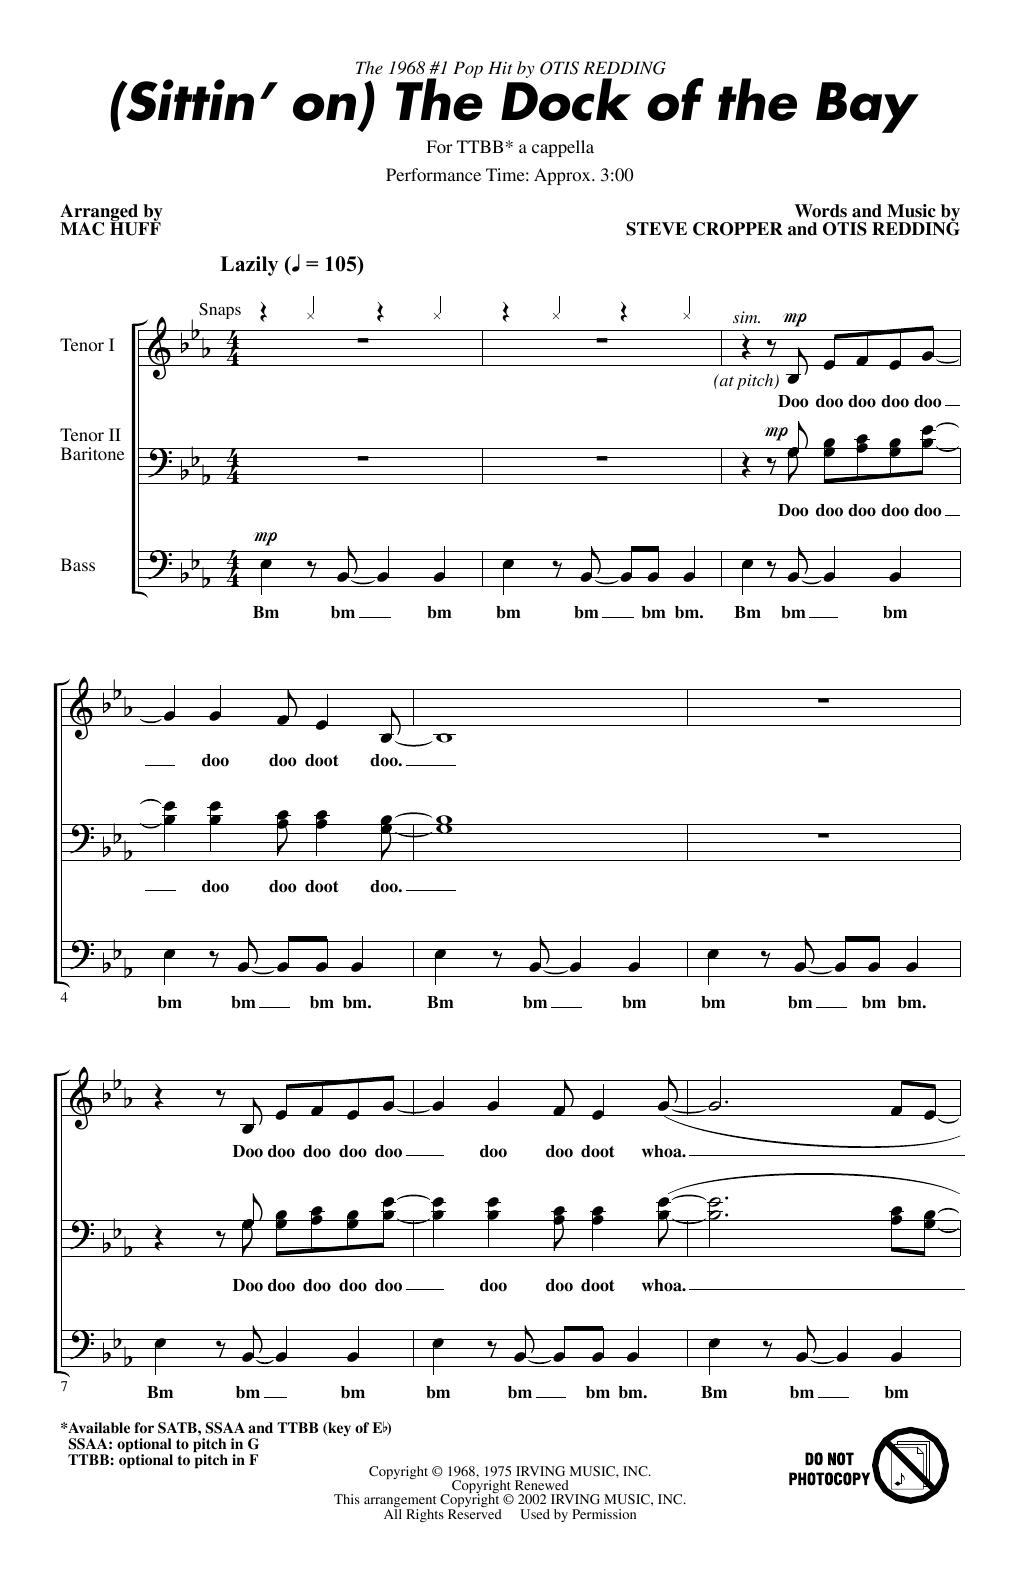 (Sittin' On) The Dock Of The Bay (arr. Mac Huff) (TTBB Choir)